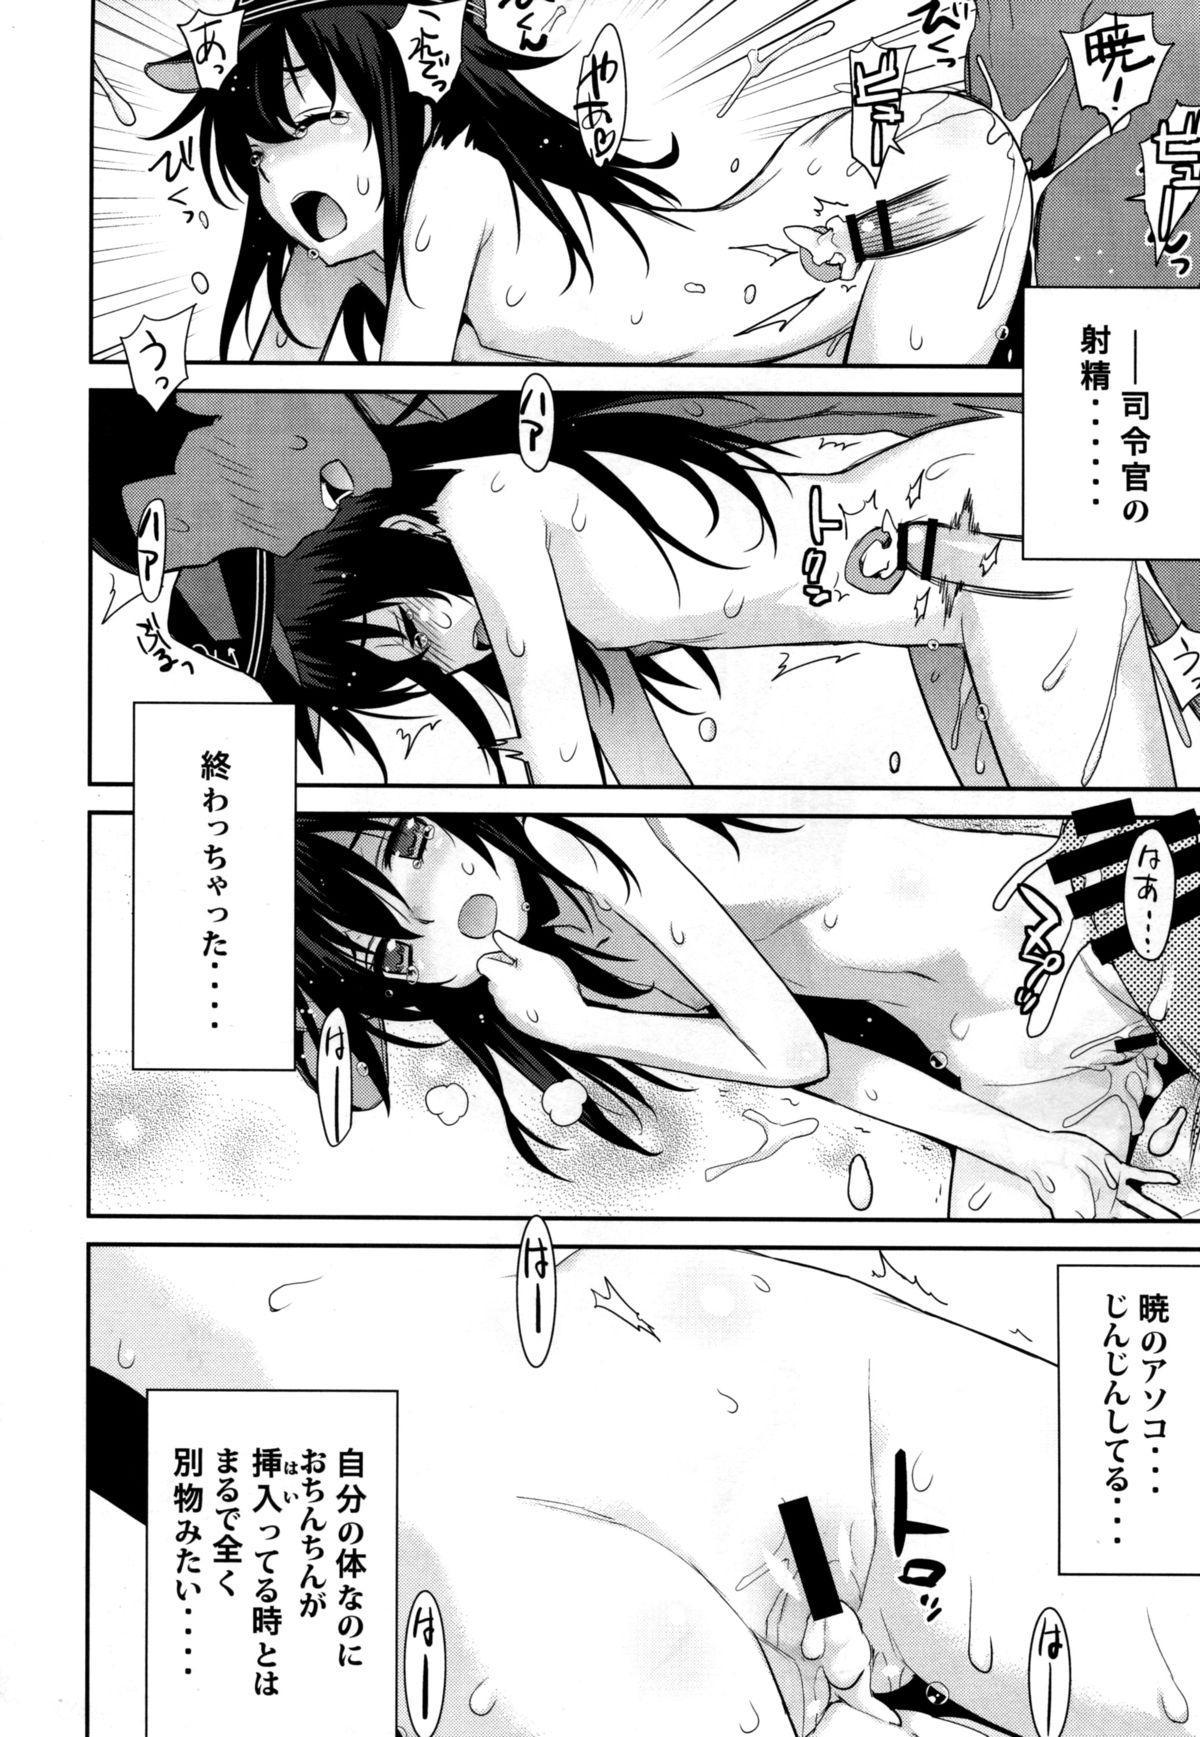 Ofuro Kantai Akatsuki 15